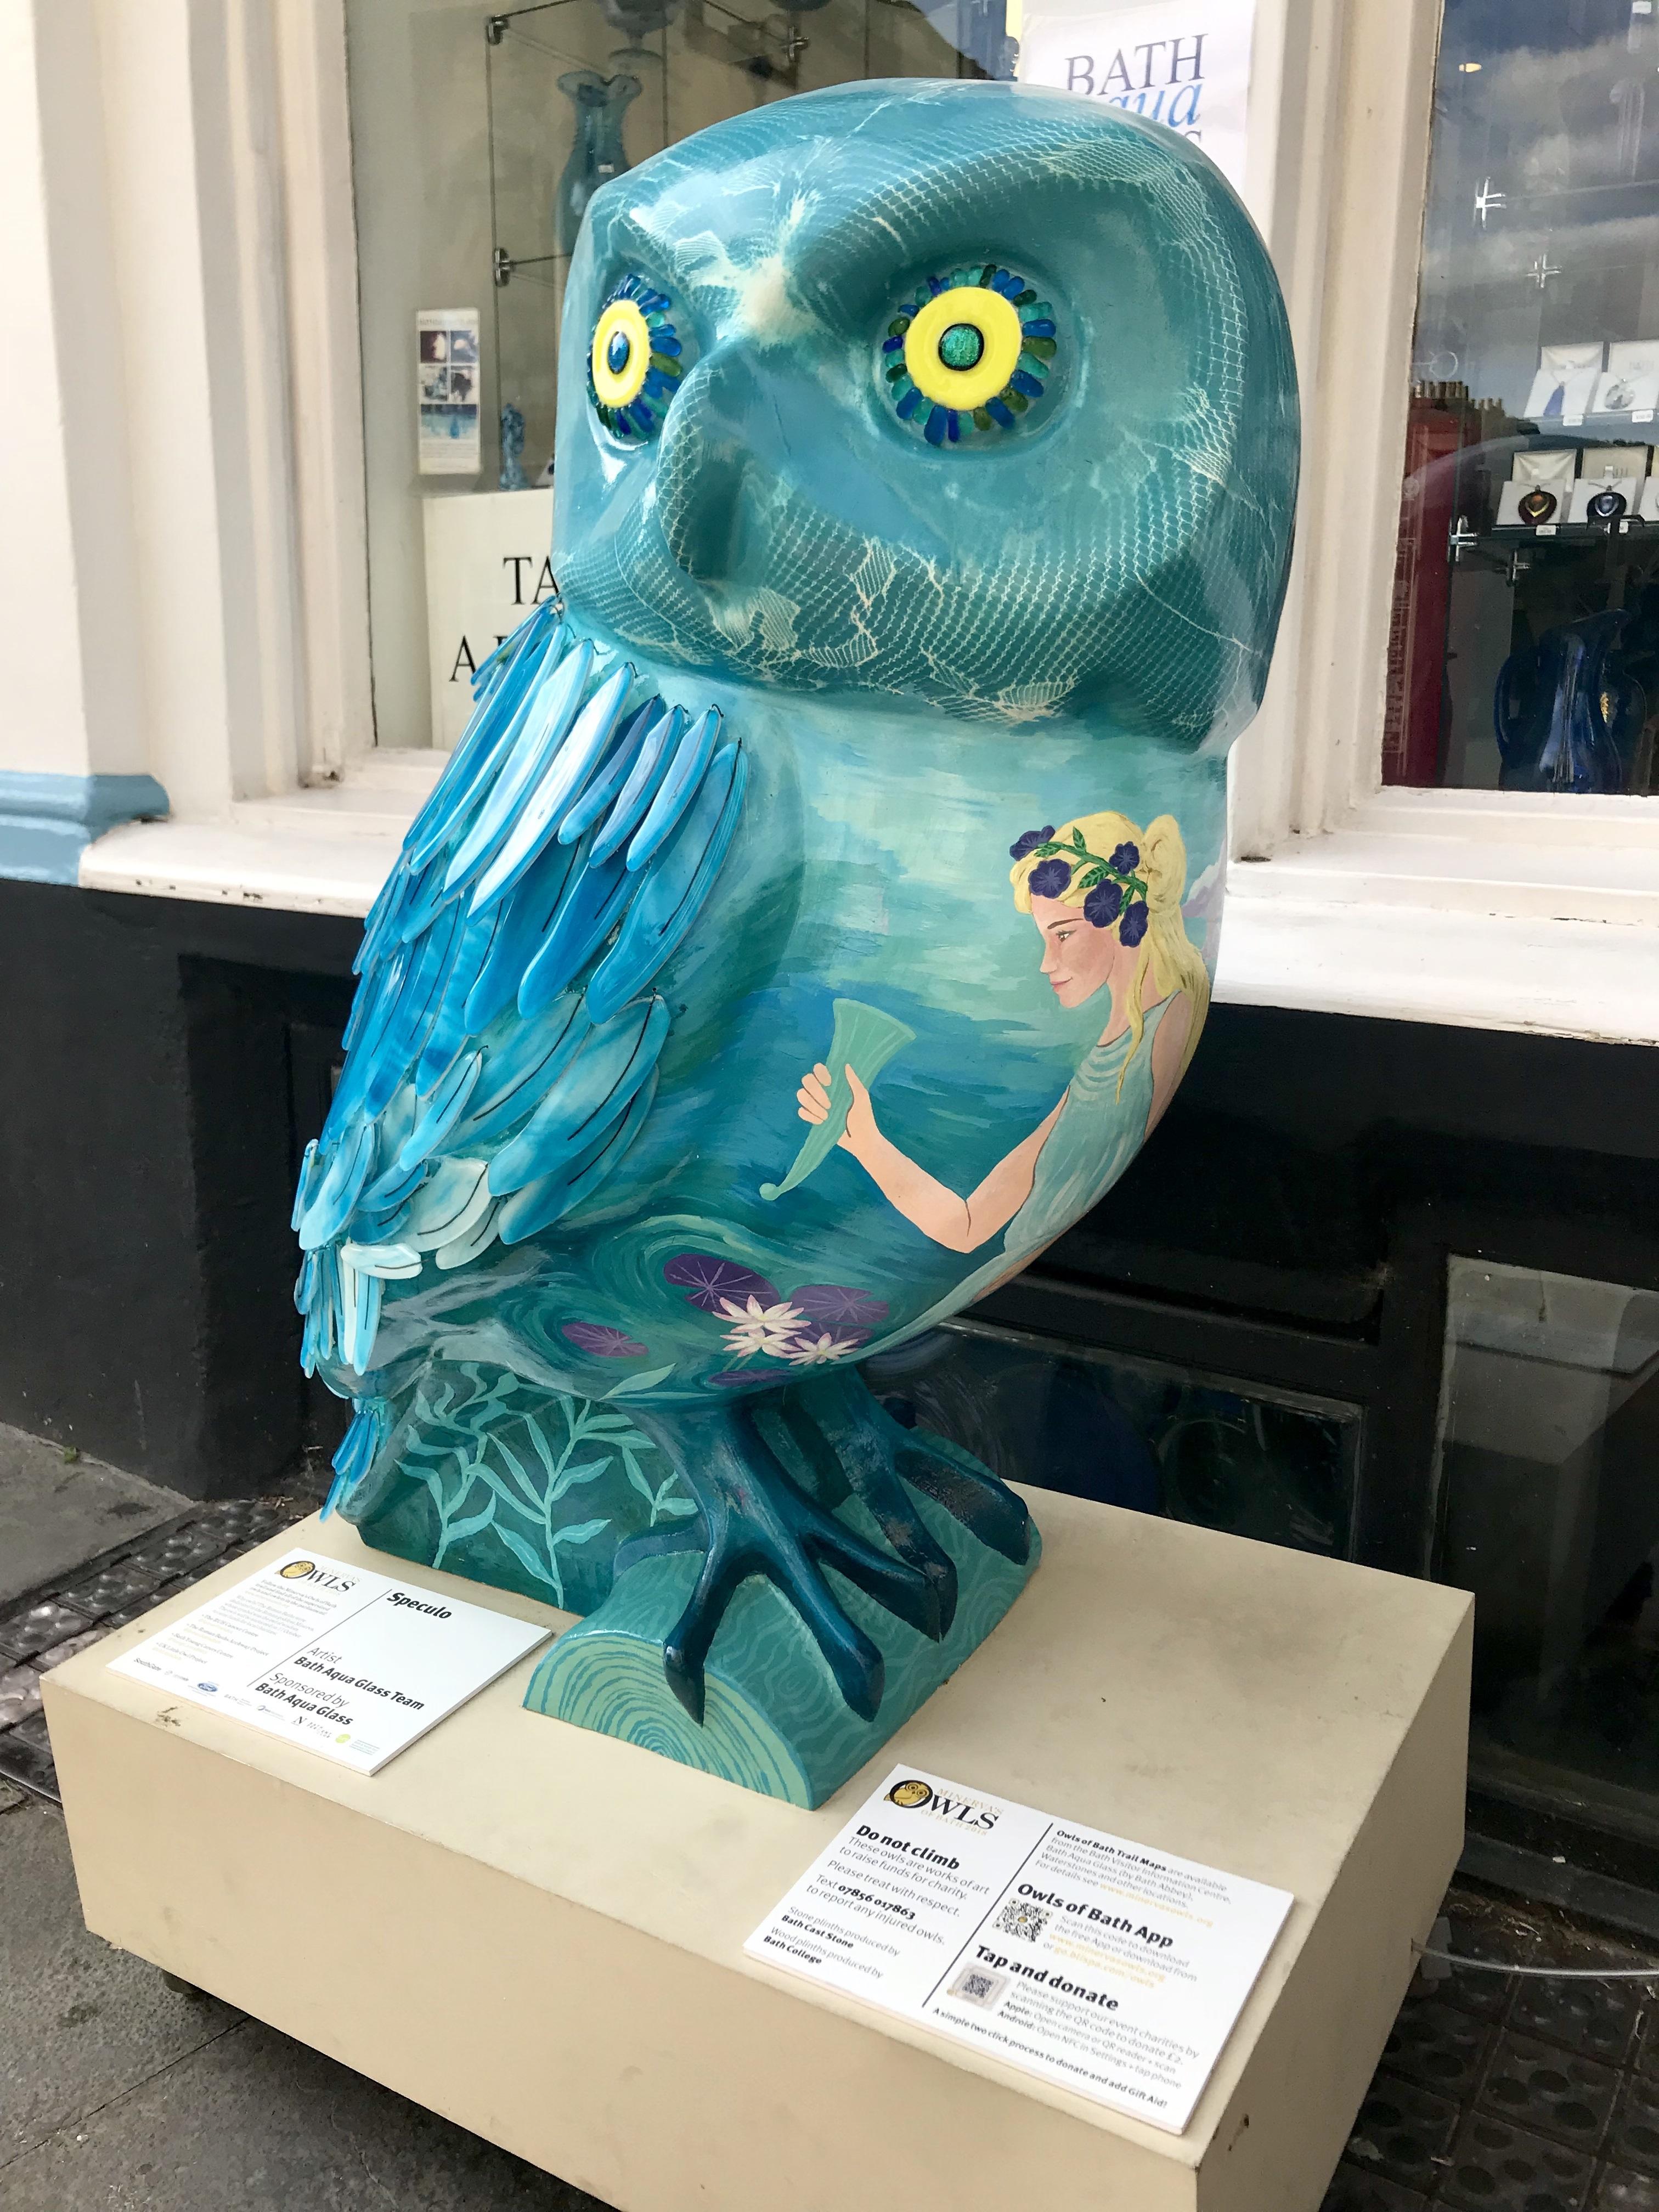 Minera Owls of Bath